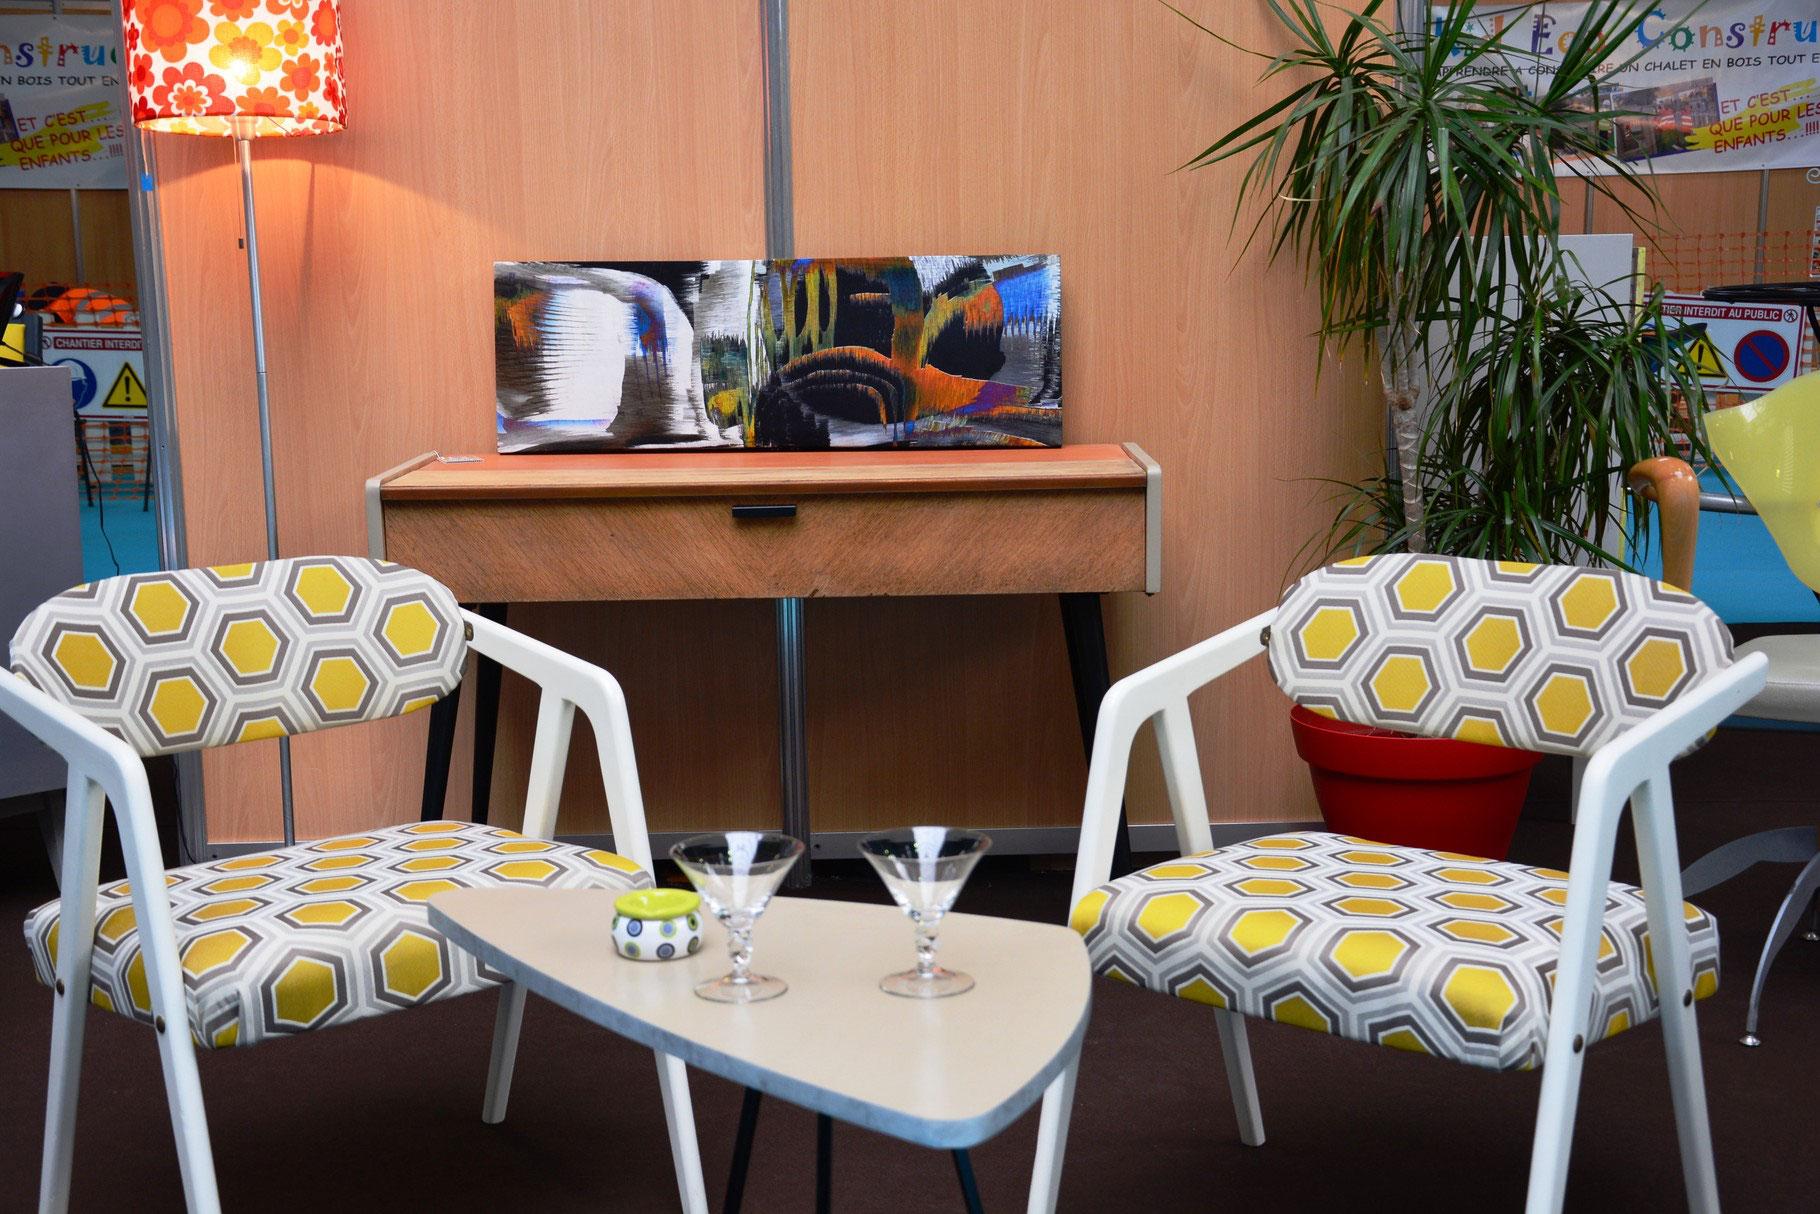 plan du site tapssiserie d 39 ameublement restauration et transformation de meubles. Black Bedroom Furniture Sets. Home Design Ideas